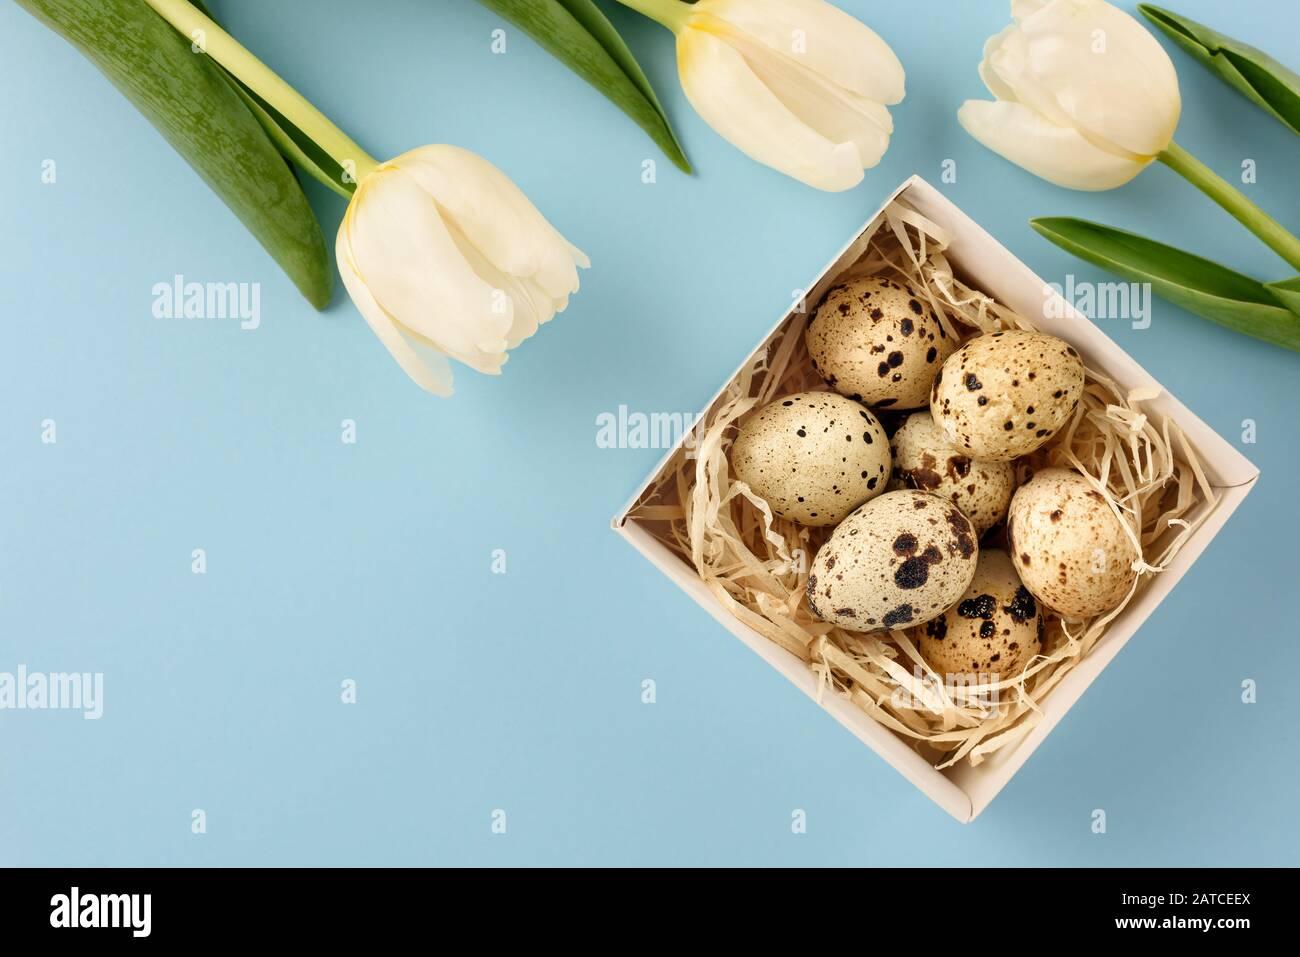 Pâques toujours la vie. Boîte avec œufs de caille et tulipes sur fond bleu. Espace de copie. Banque D'Images